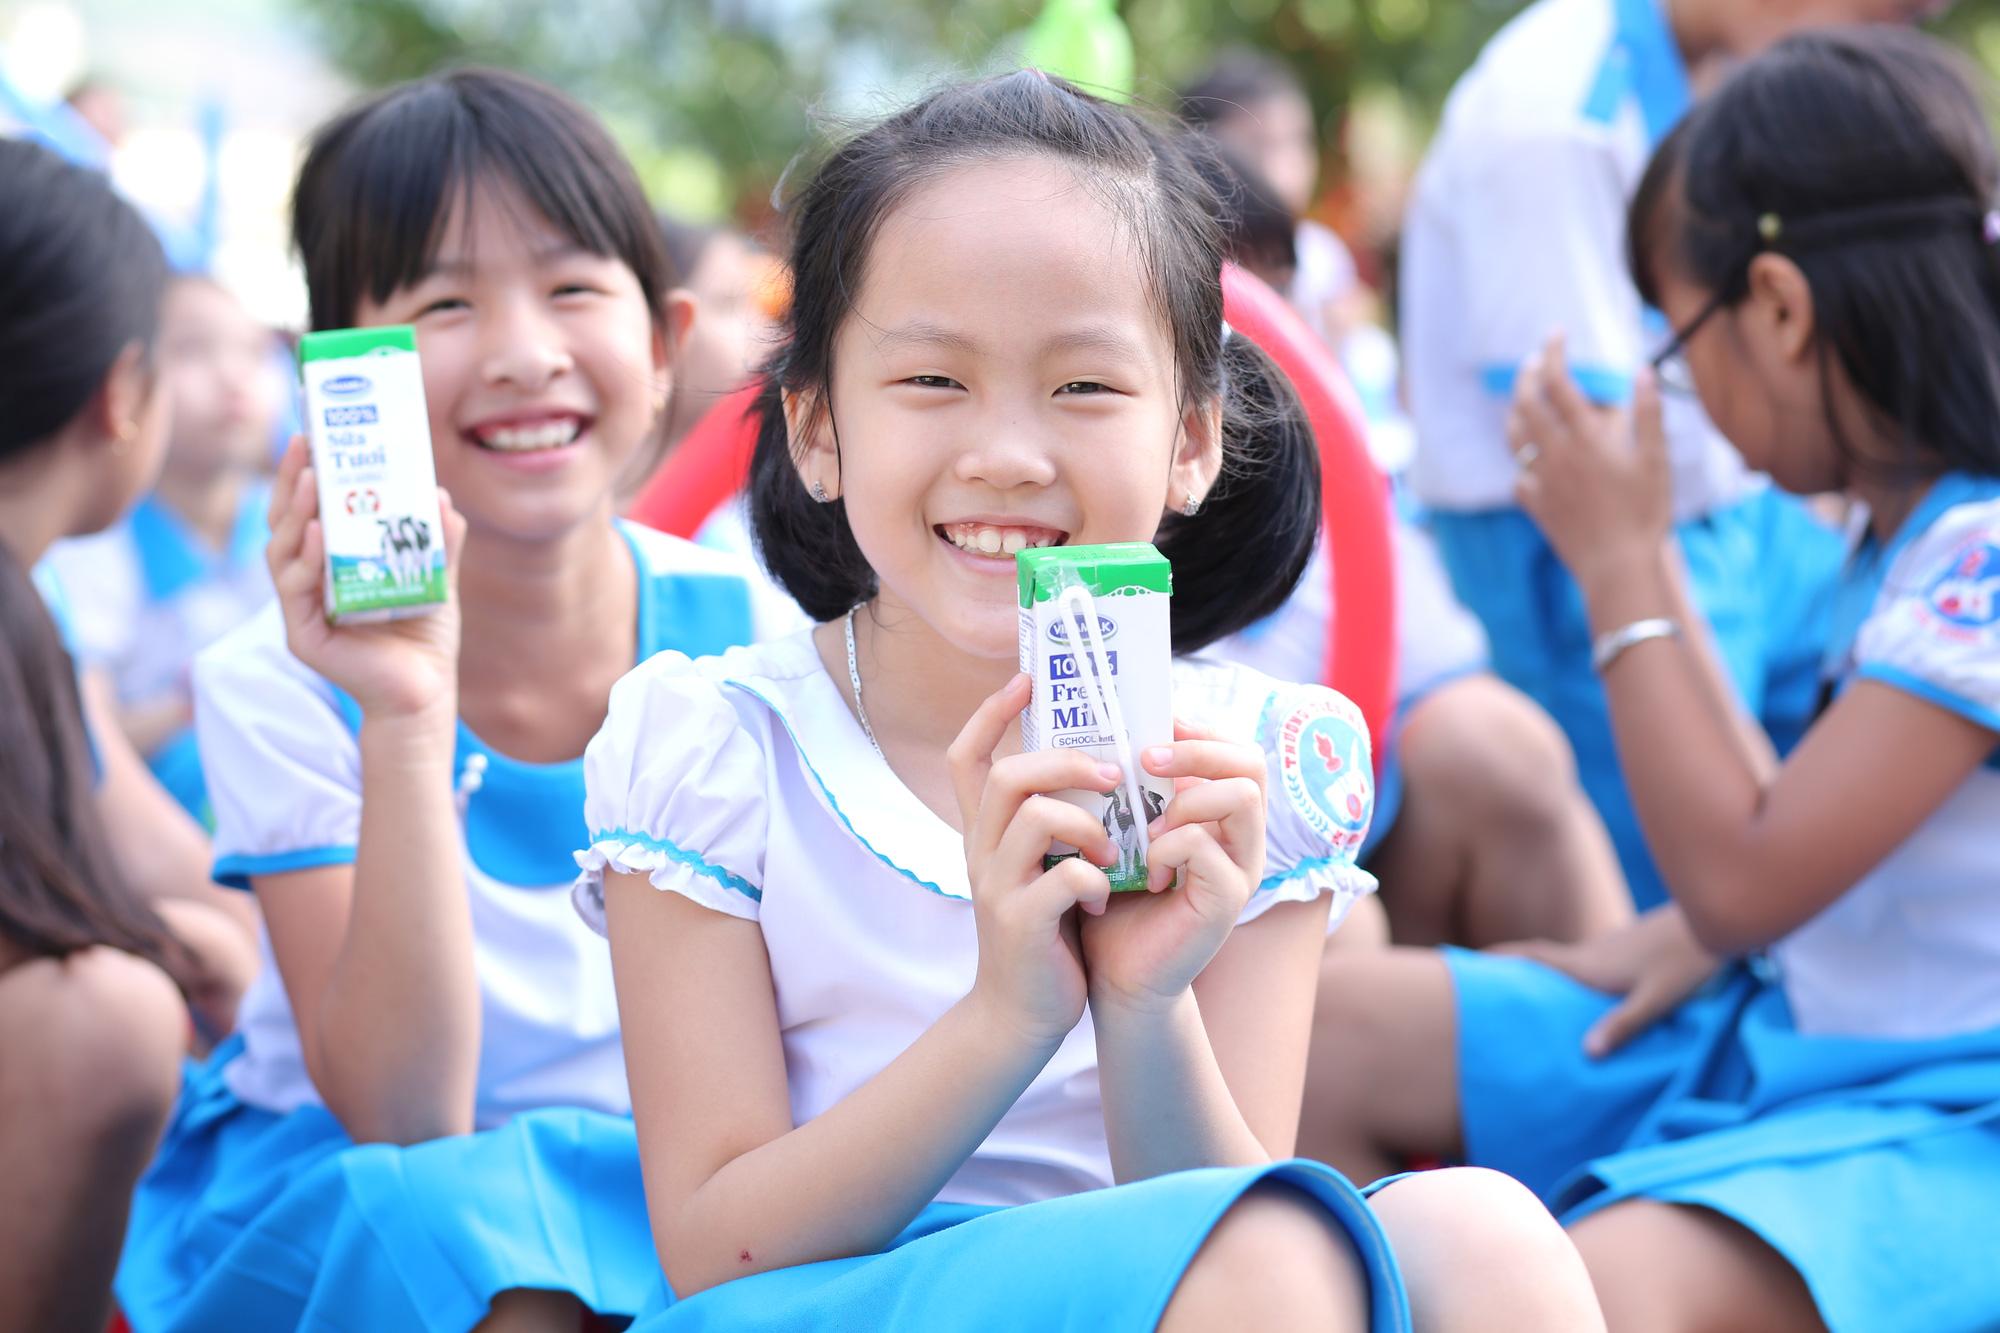 Quảng Nam: Hơn 34.000 trẻ em miền núi, khó khăn được uống Sữa học đường - Ảnh 7.